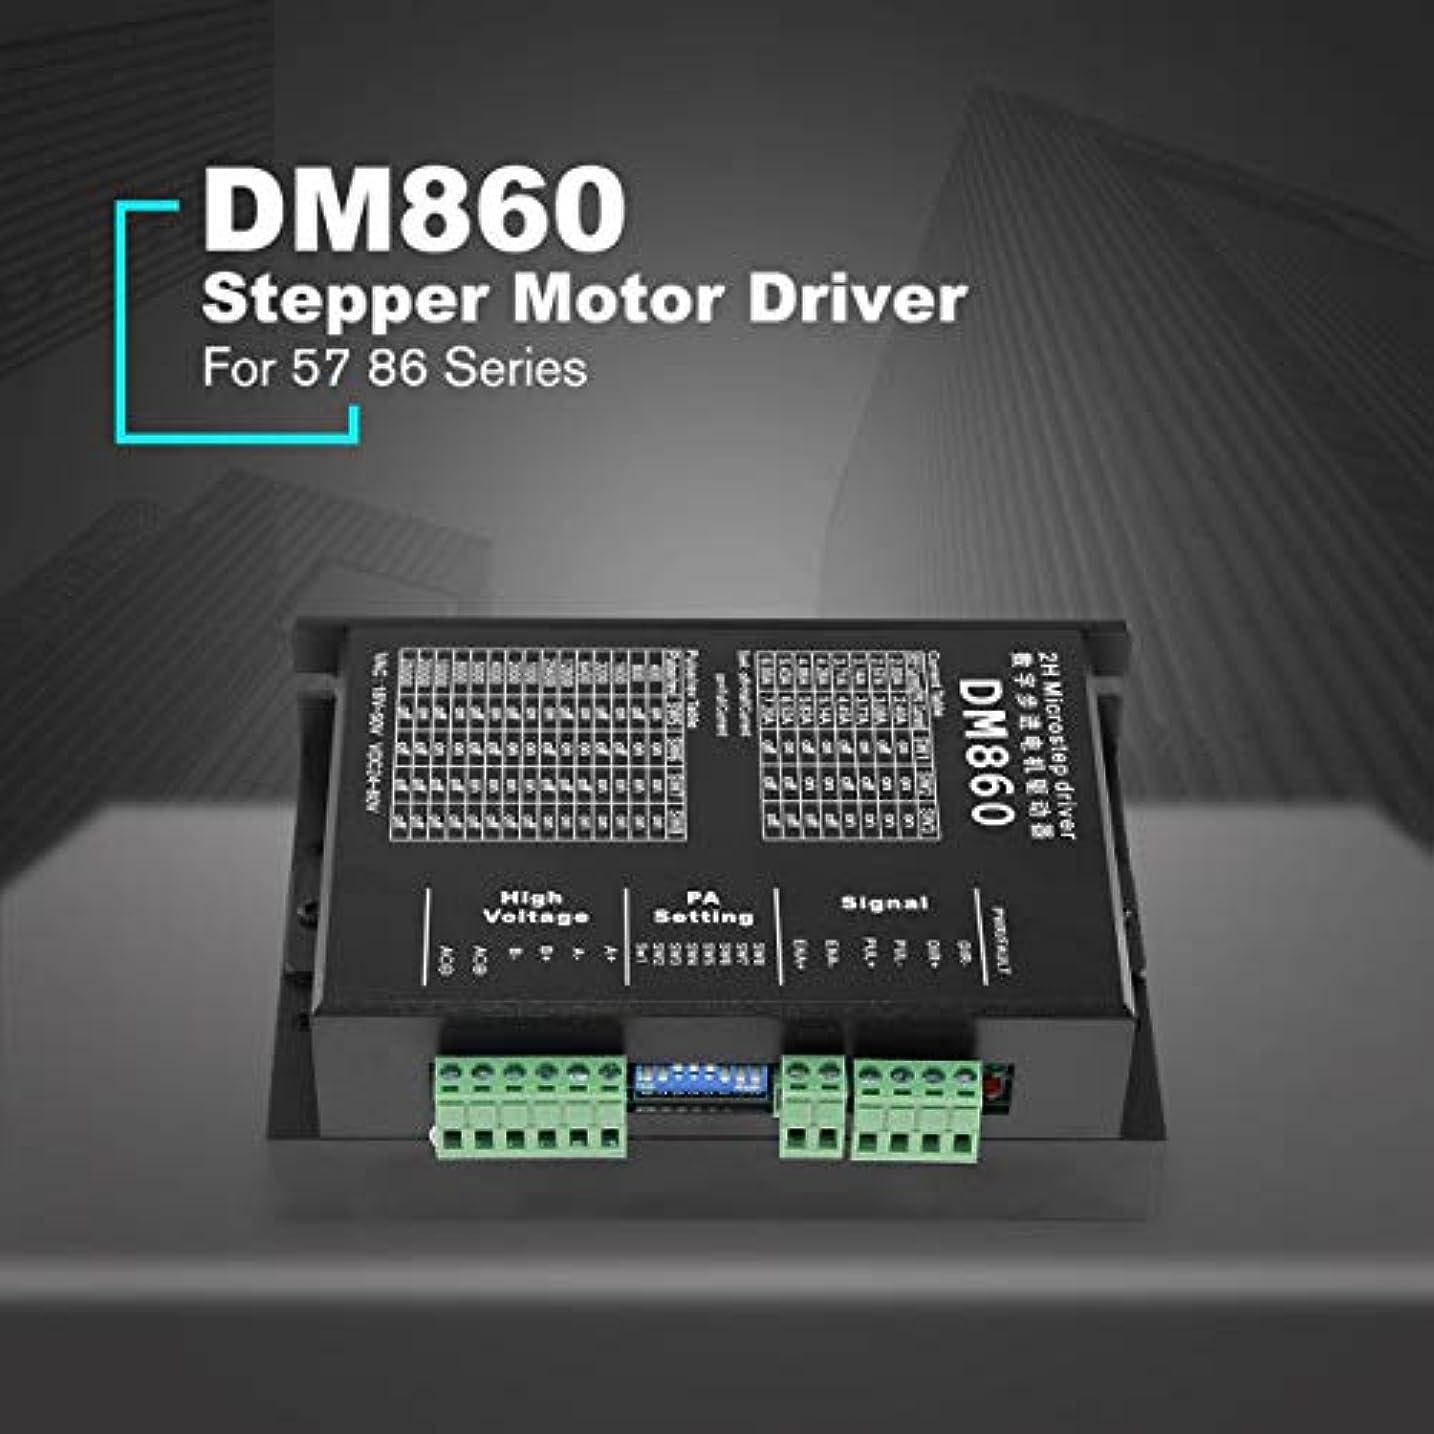 変更テレビ局明確に57 86シリーズデジタルステッピングモータドライバDC 24-80 V 2.0Aハイブリッドステッピングモータ用DM860ステッピングモータドライバコントローラ(カラー:ブラック)